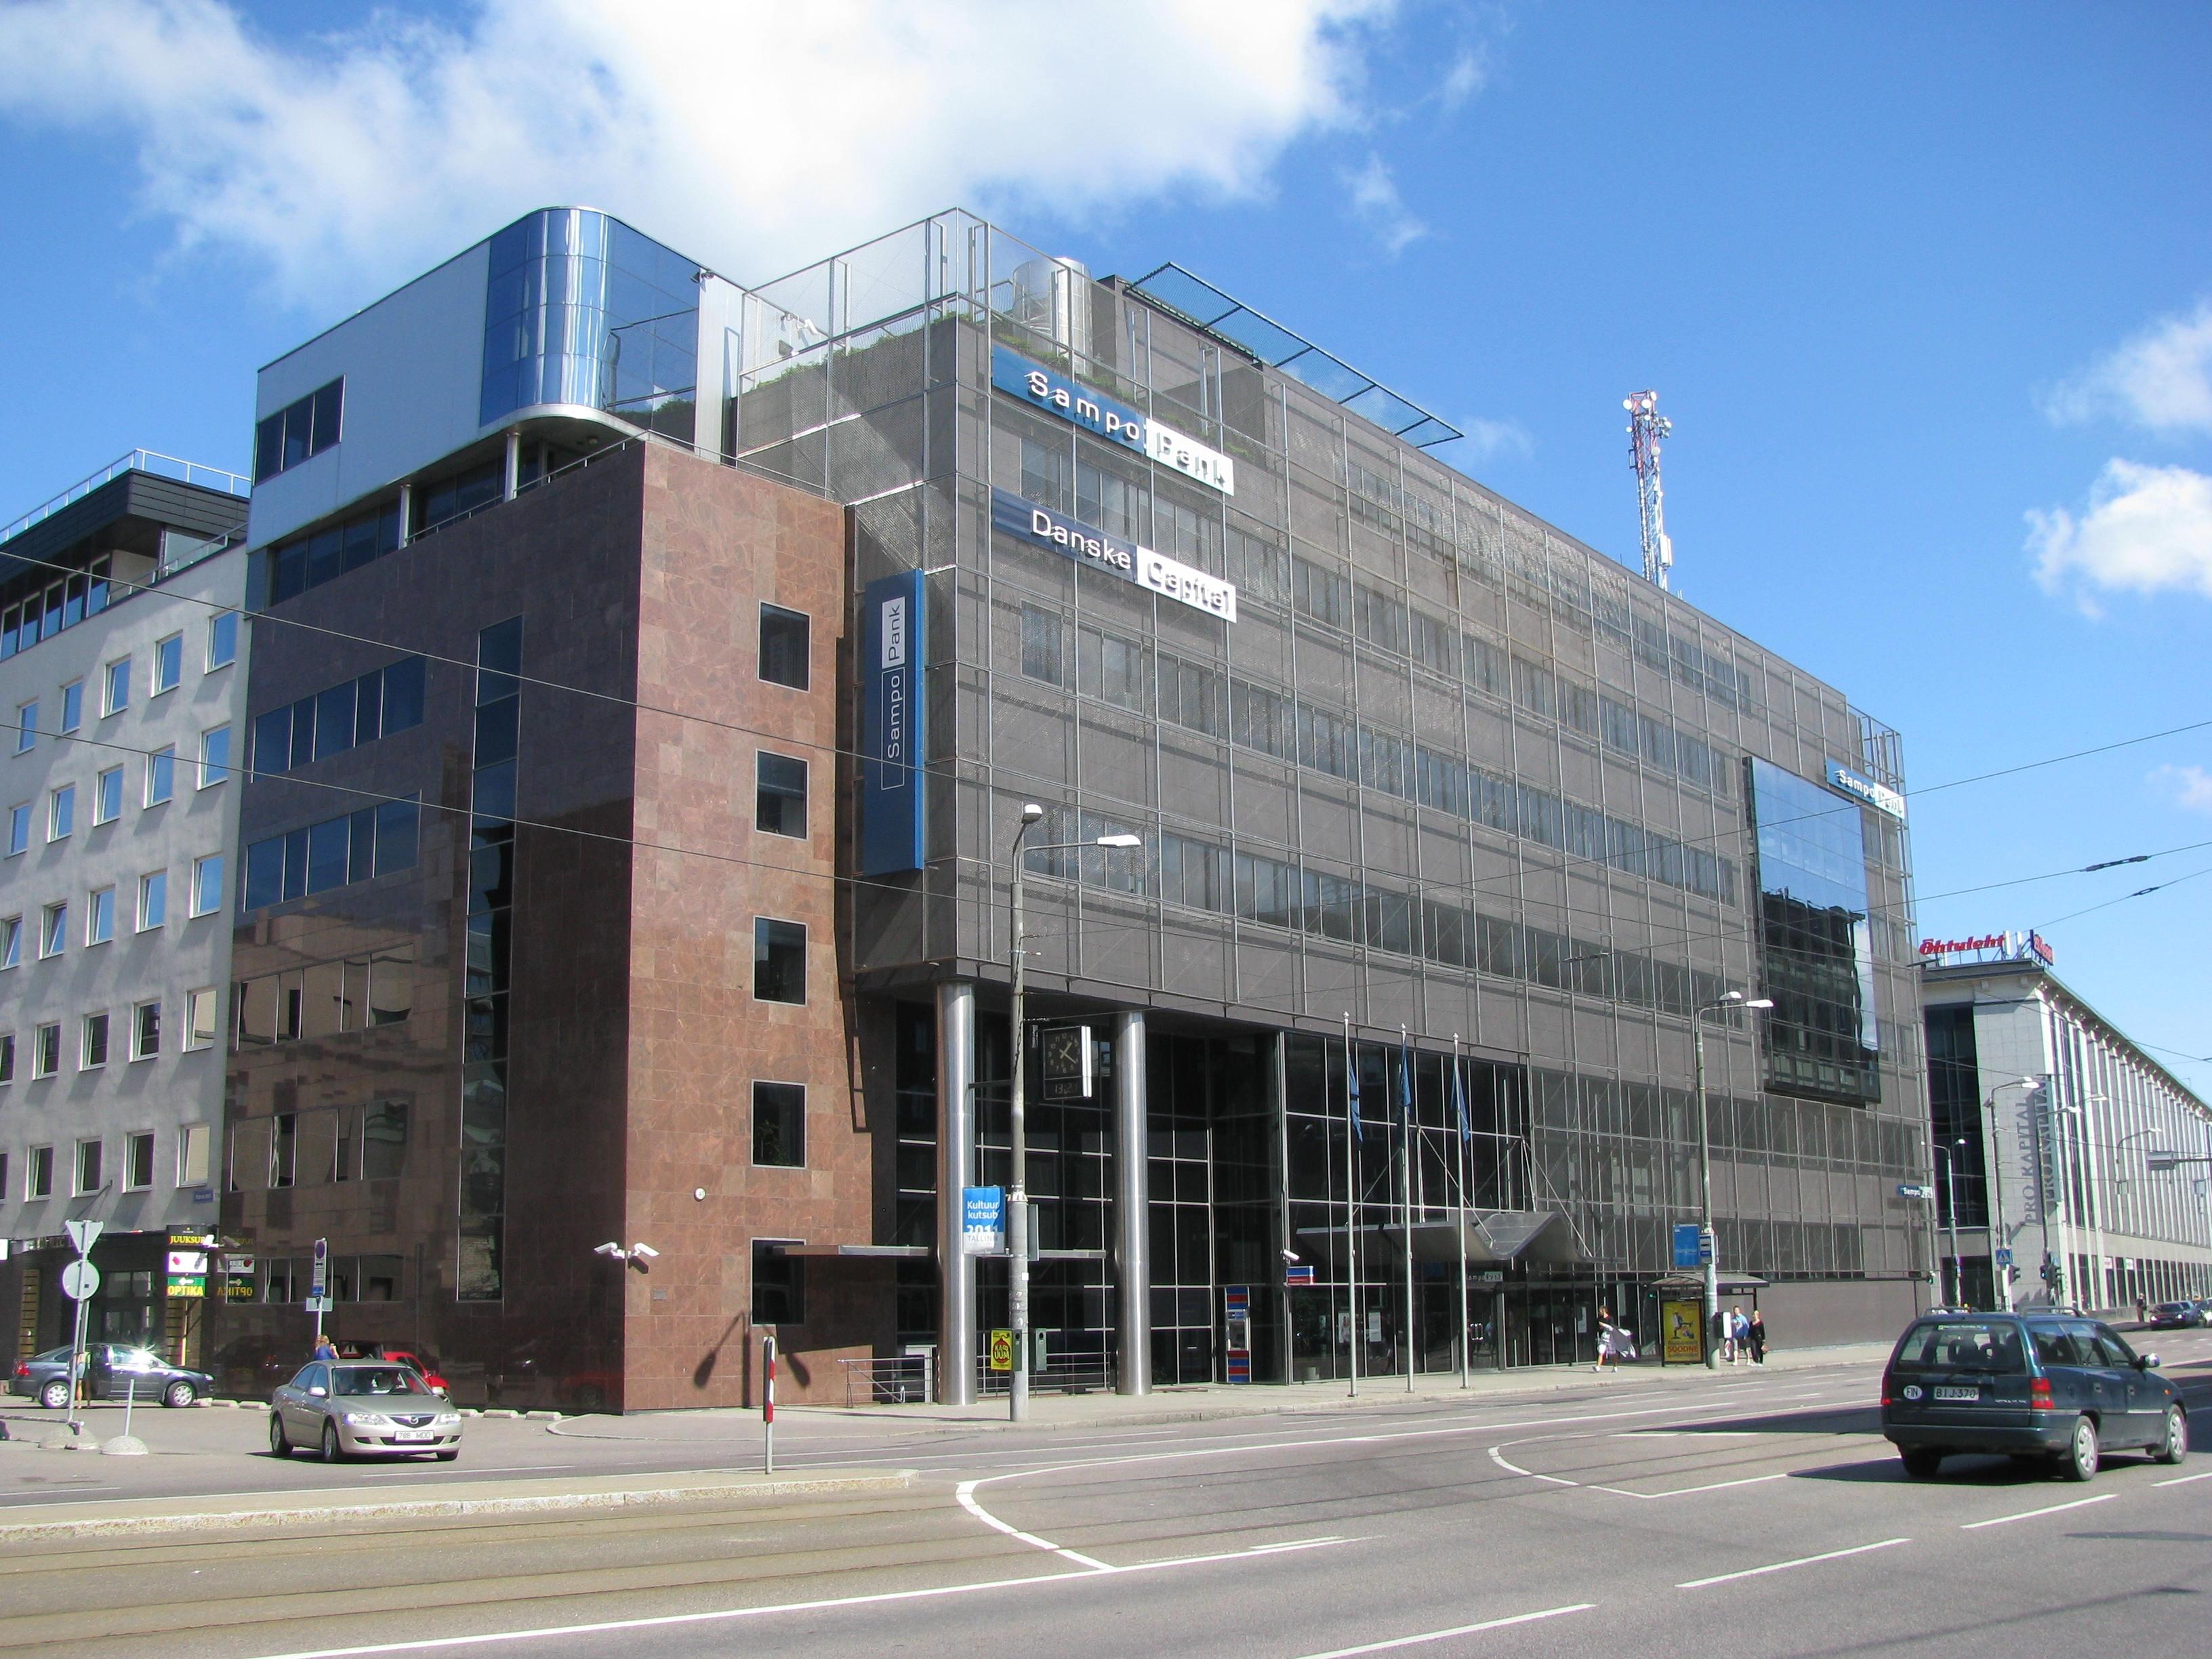 Эстонский филиал Danske Bank подозревают в выводе из России 30 миллиардов долларов